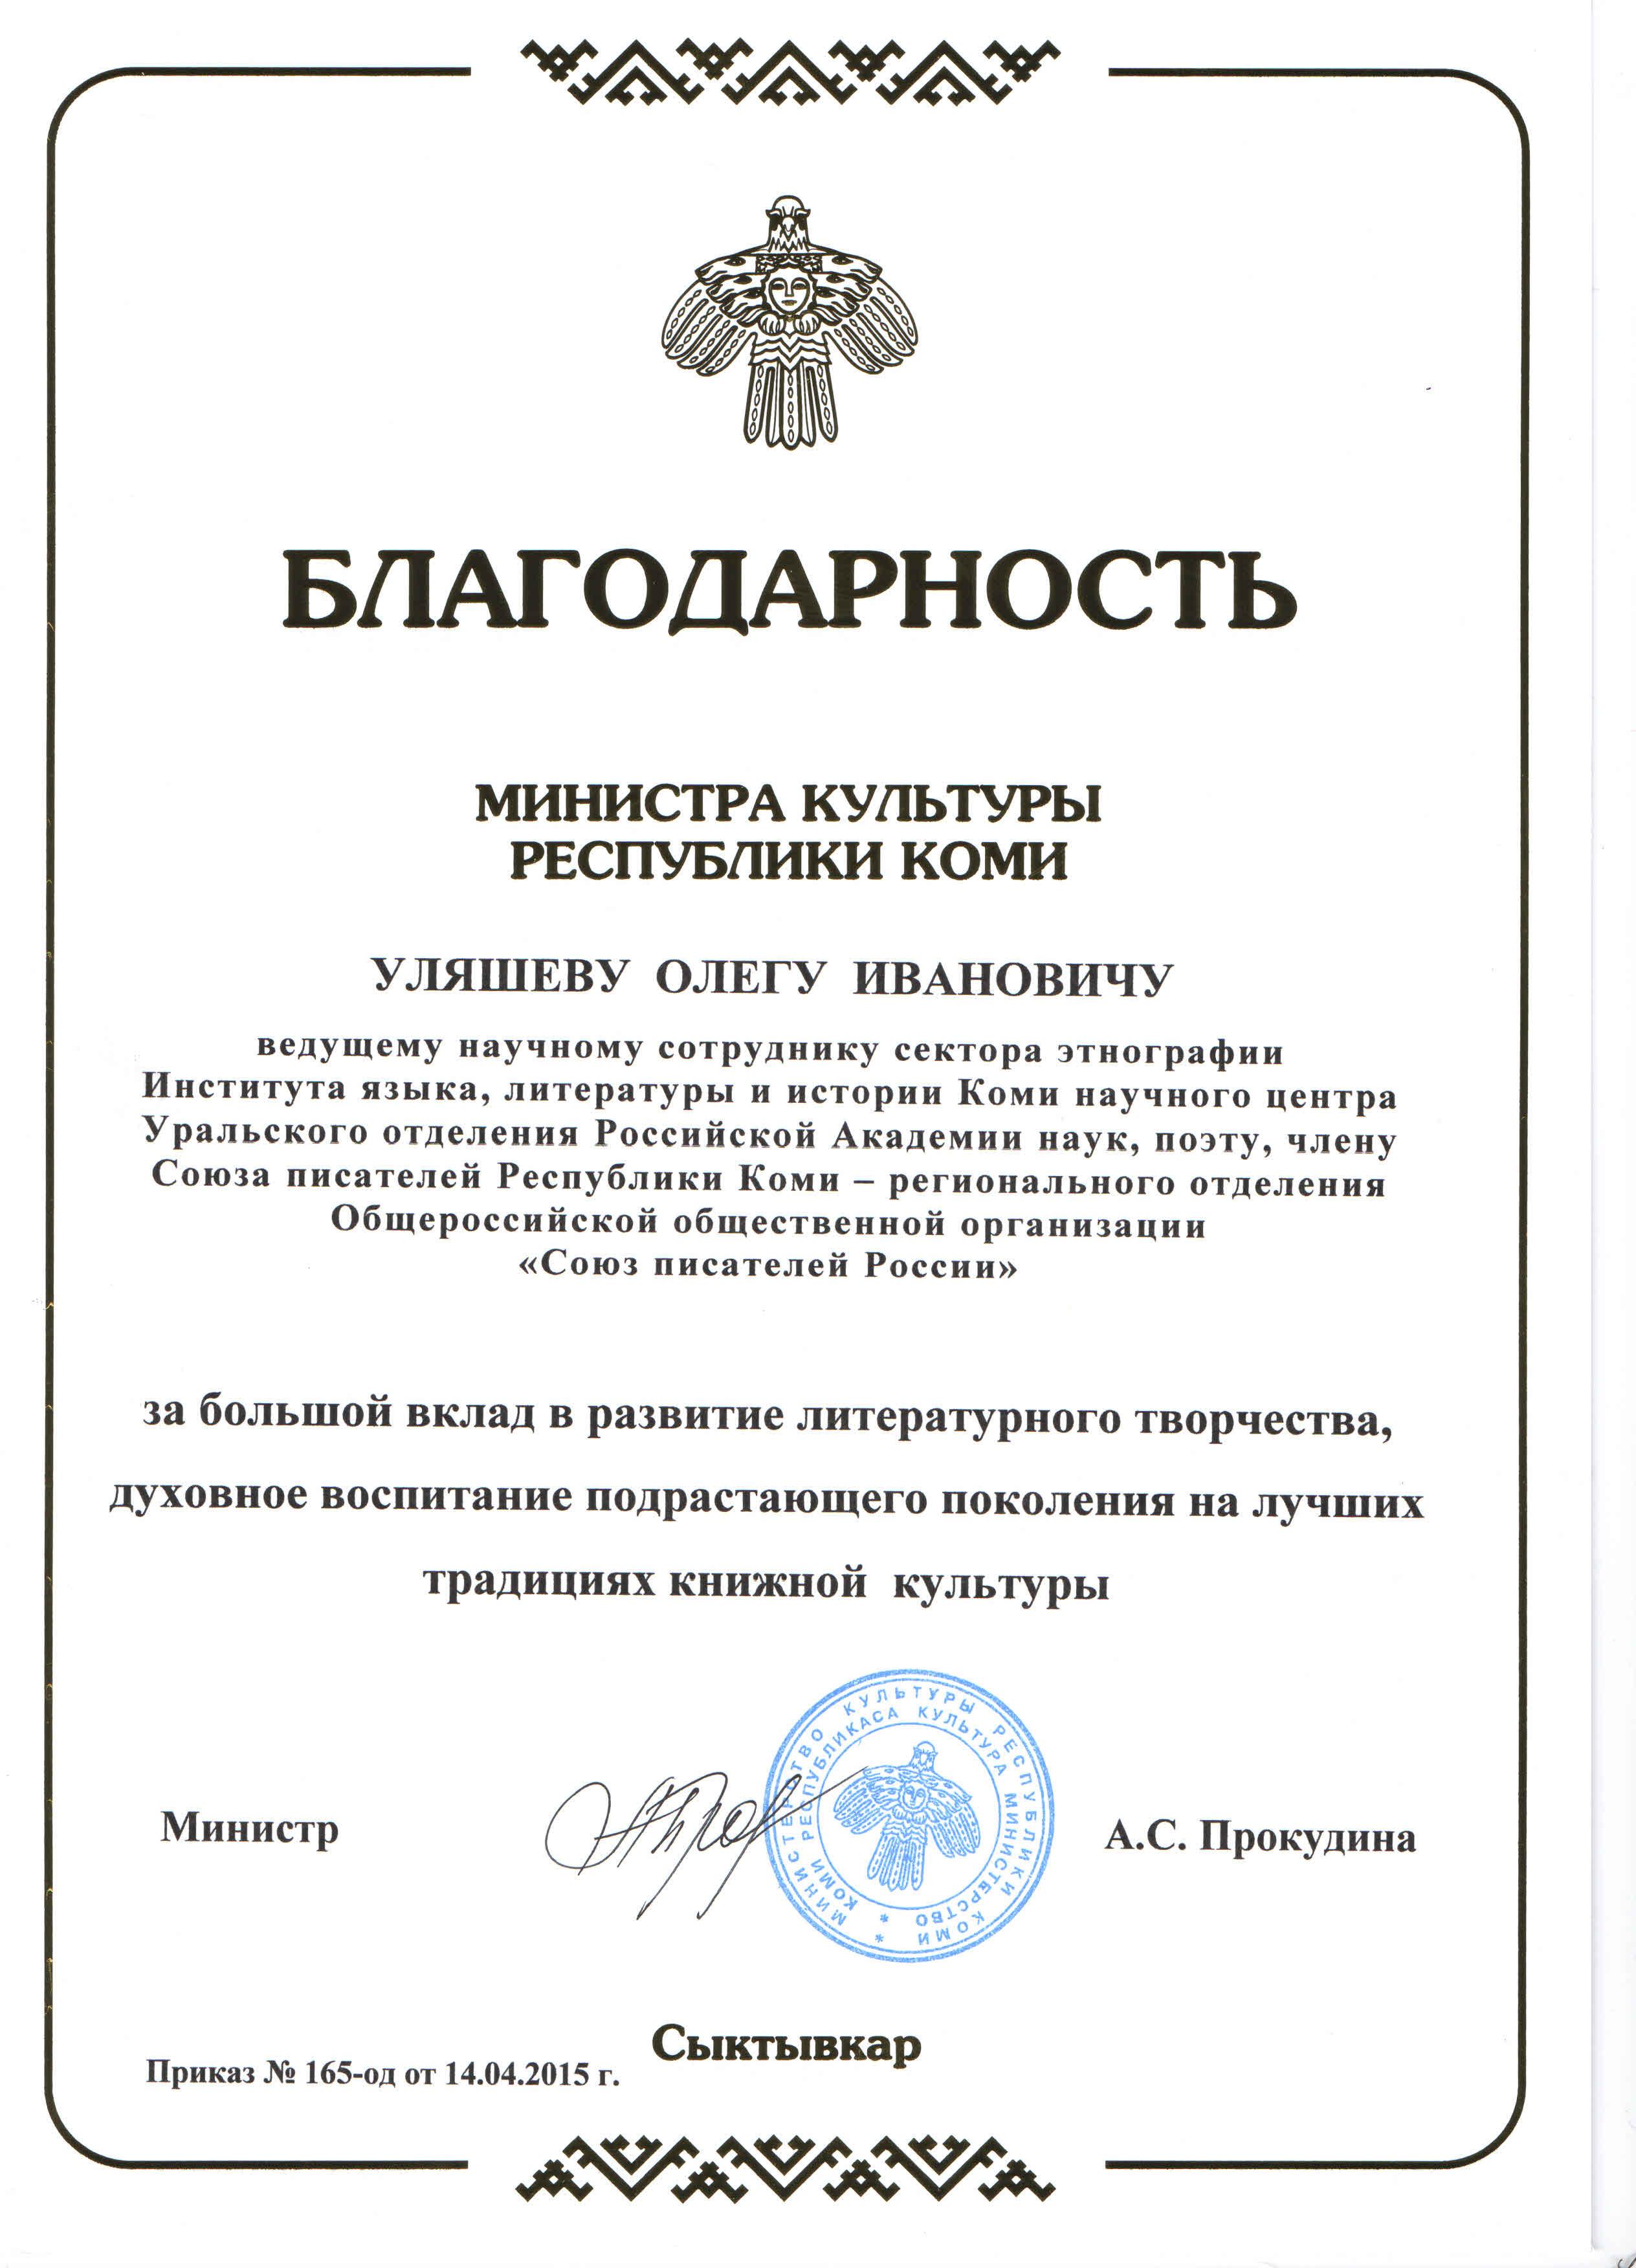 Уляшев